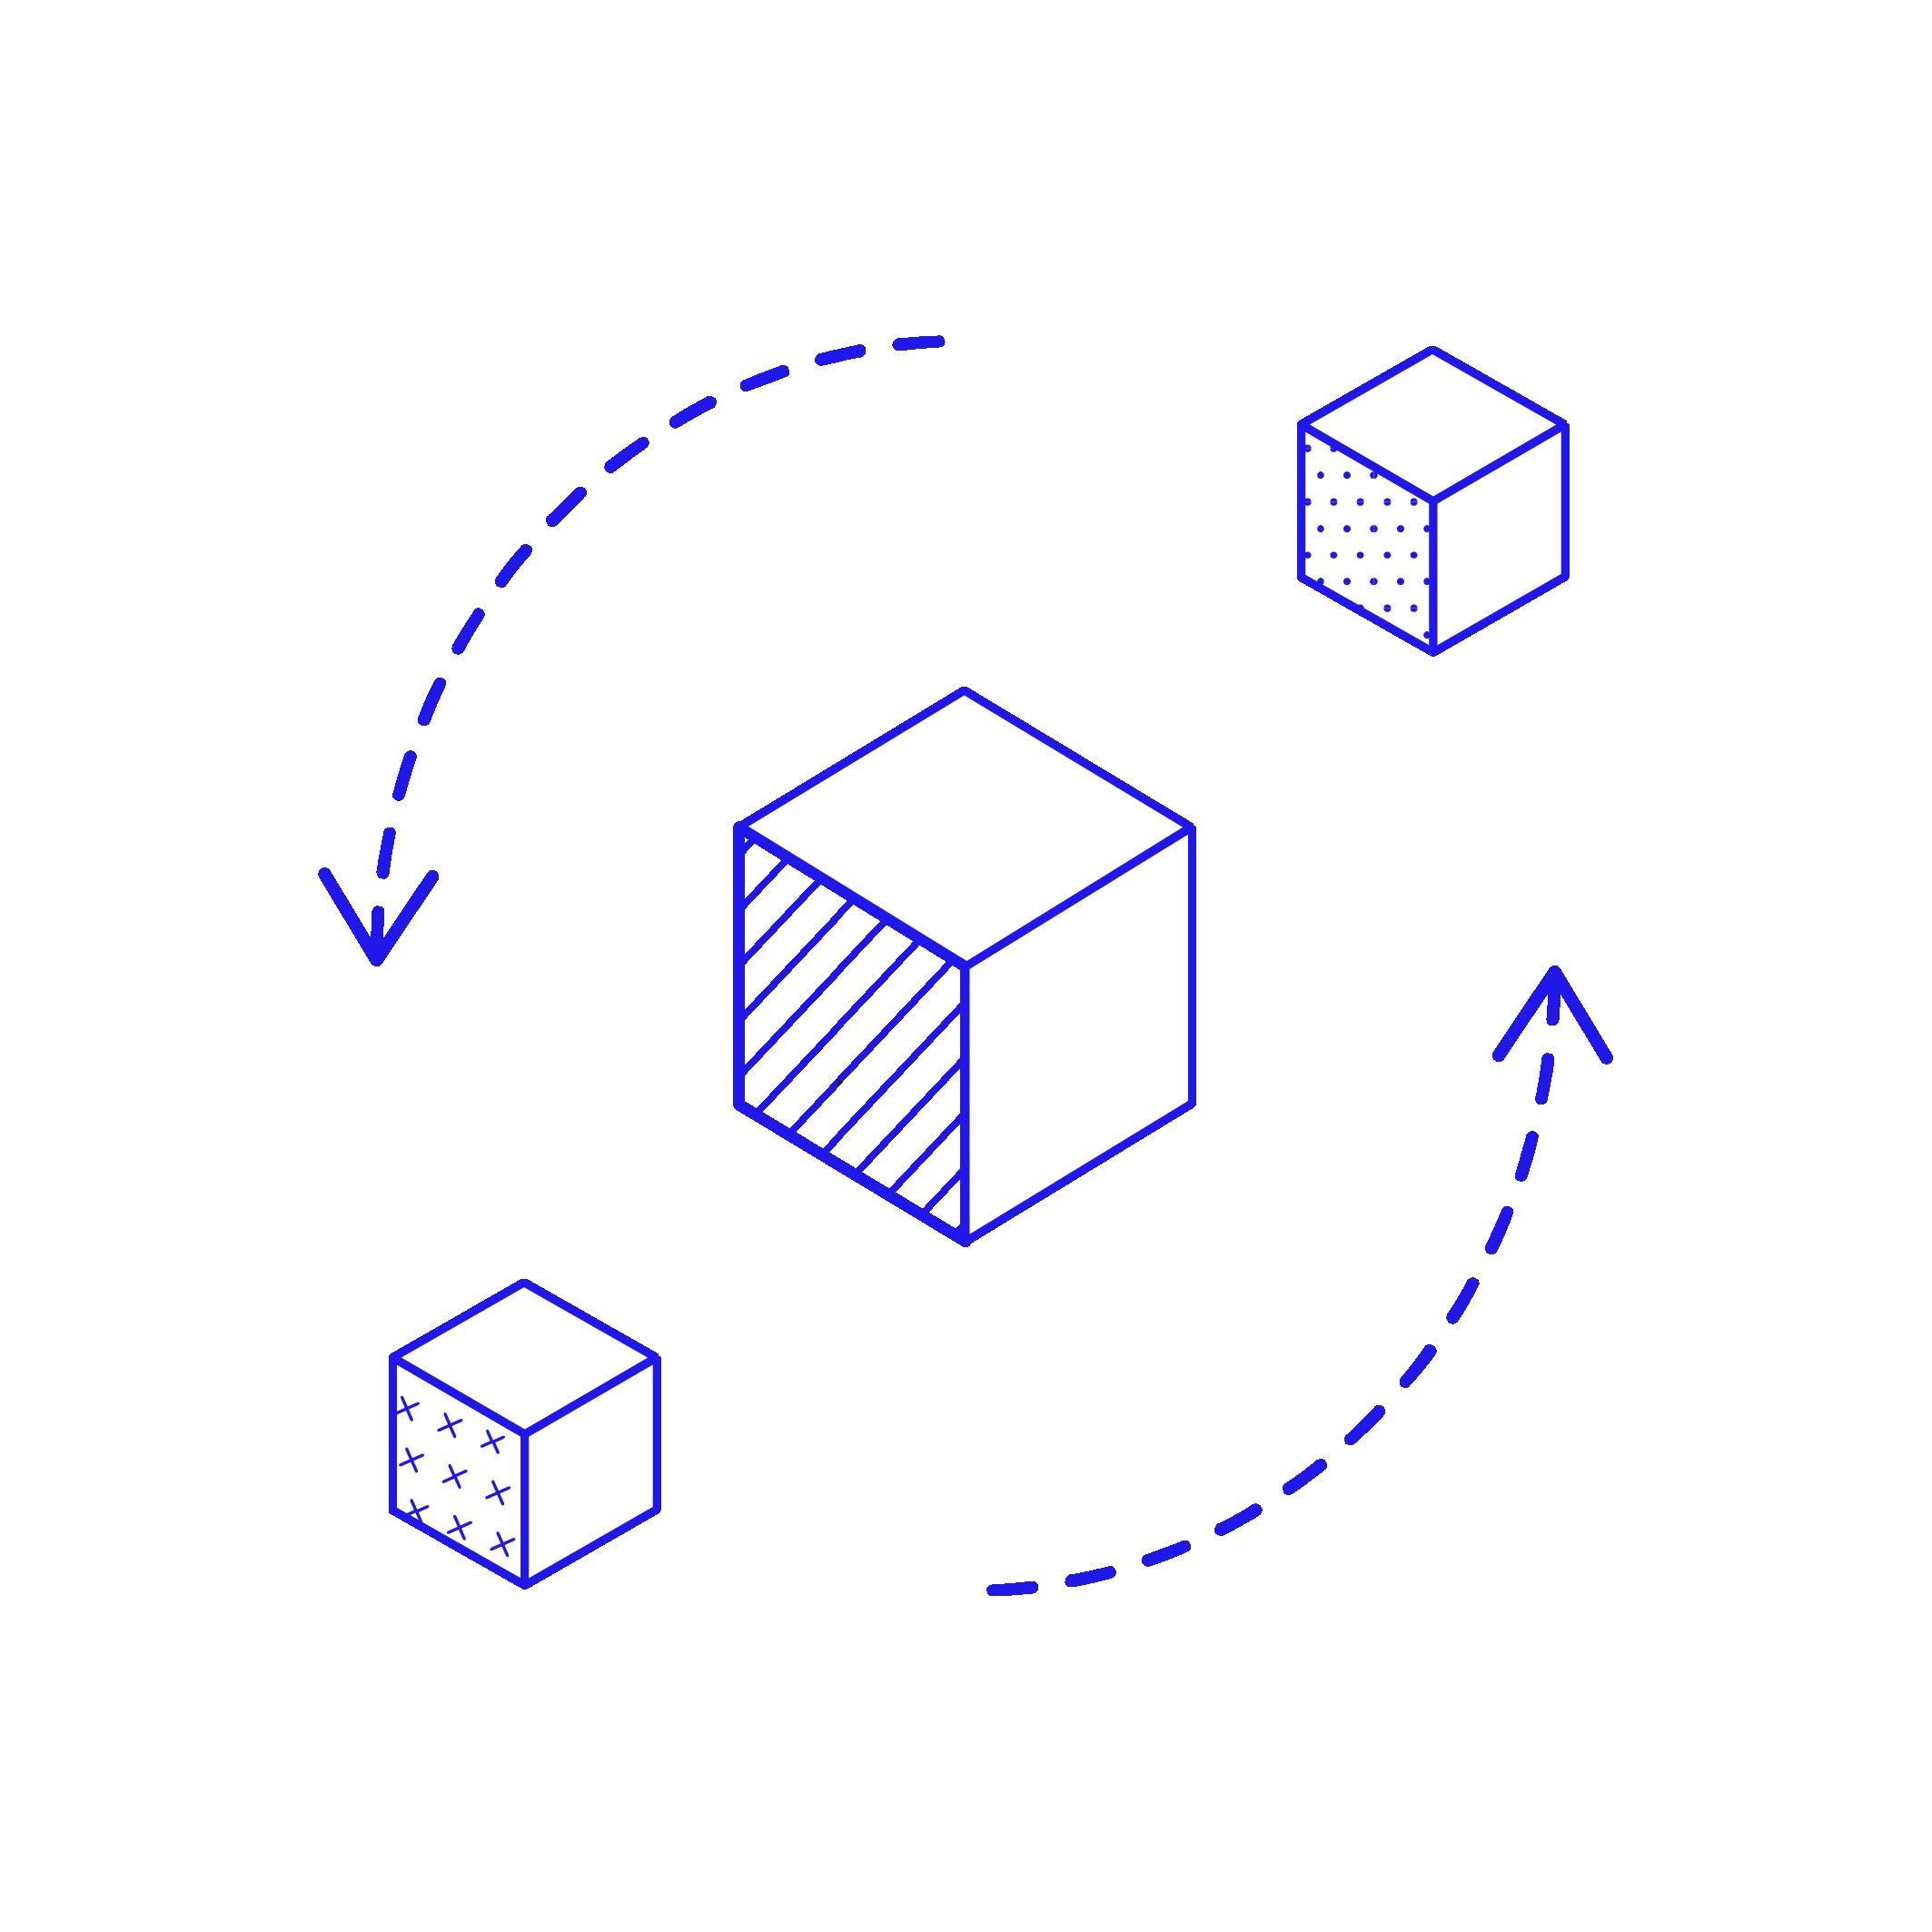 Iteratief - Service design is een verkennende, adaptieve en experimentele benadering die de implementatie van een nieuwe dienst ten goede komt. Het is een proces dat nooit klaar is, dus blijf klantervaringen opzoeken en services opnieuw ontwerpen wanneer dat nodig is. De wensen van de klant ontwikkelen zich immers altijd.